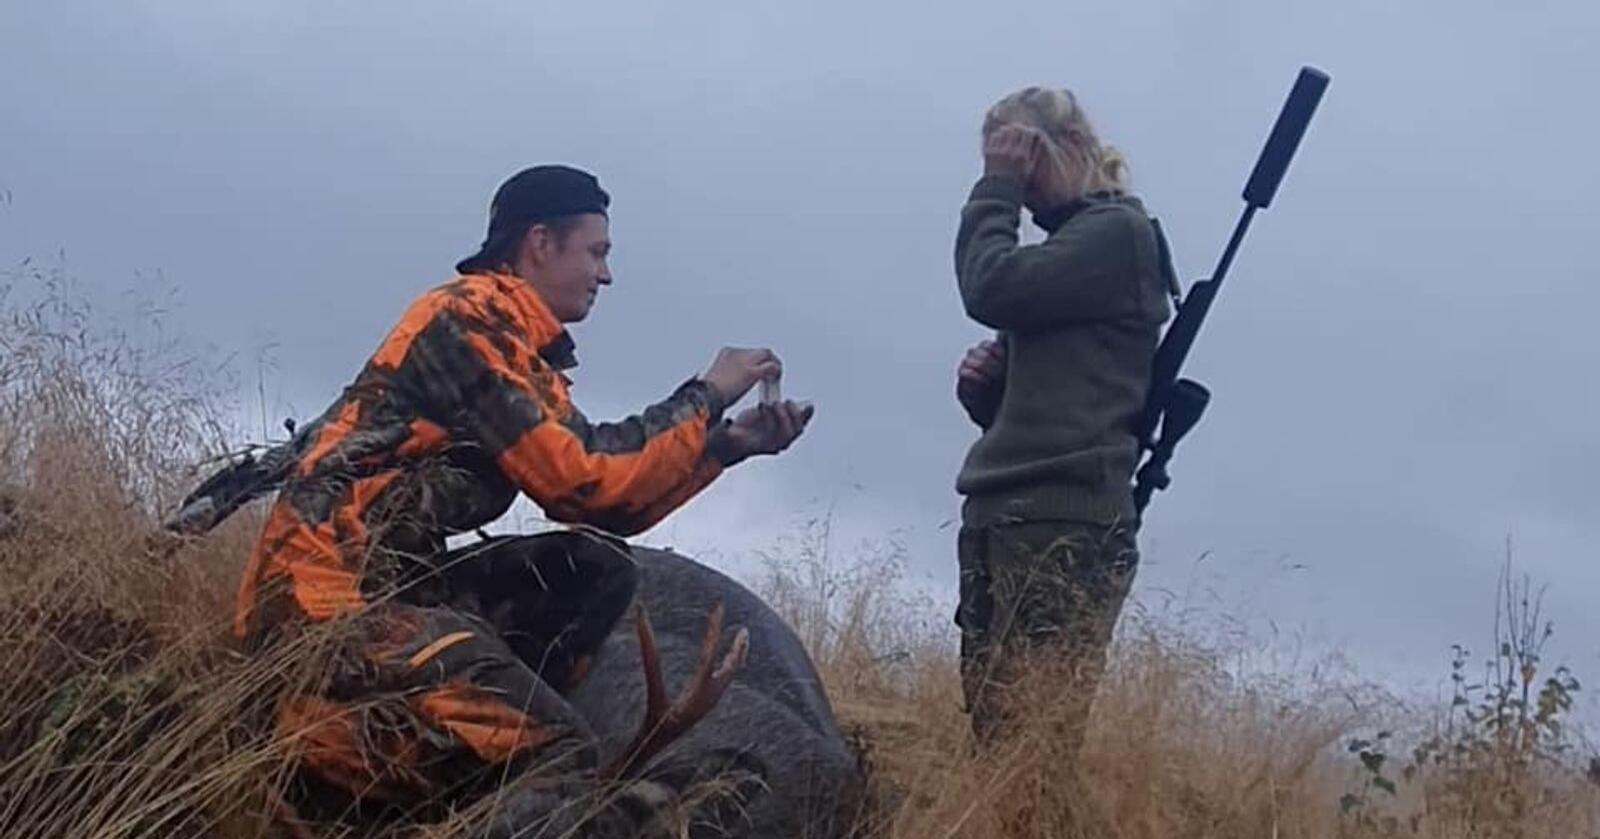 Her frir Stian Edvin Tjolmen til kjæresten Cathrine Aasrum under helgas elgjakt. Mellom dem ligger elgoksen som Tjolmen felte bare kort tid før frieriet. Foto: Privat